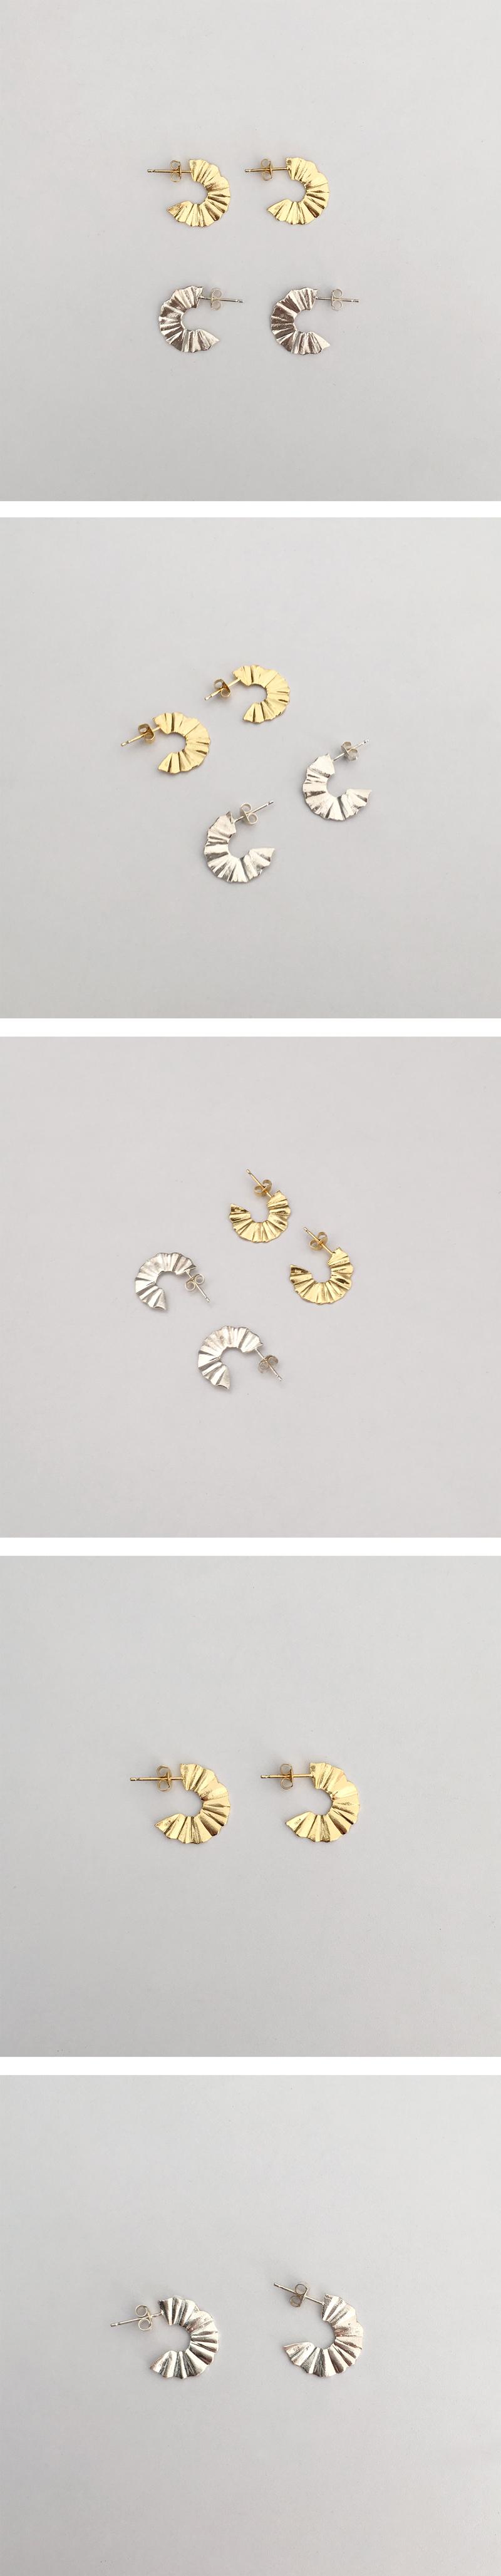 mju earring